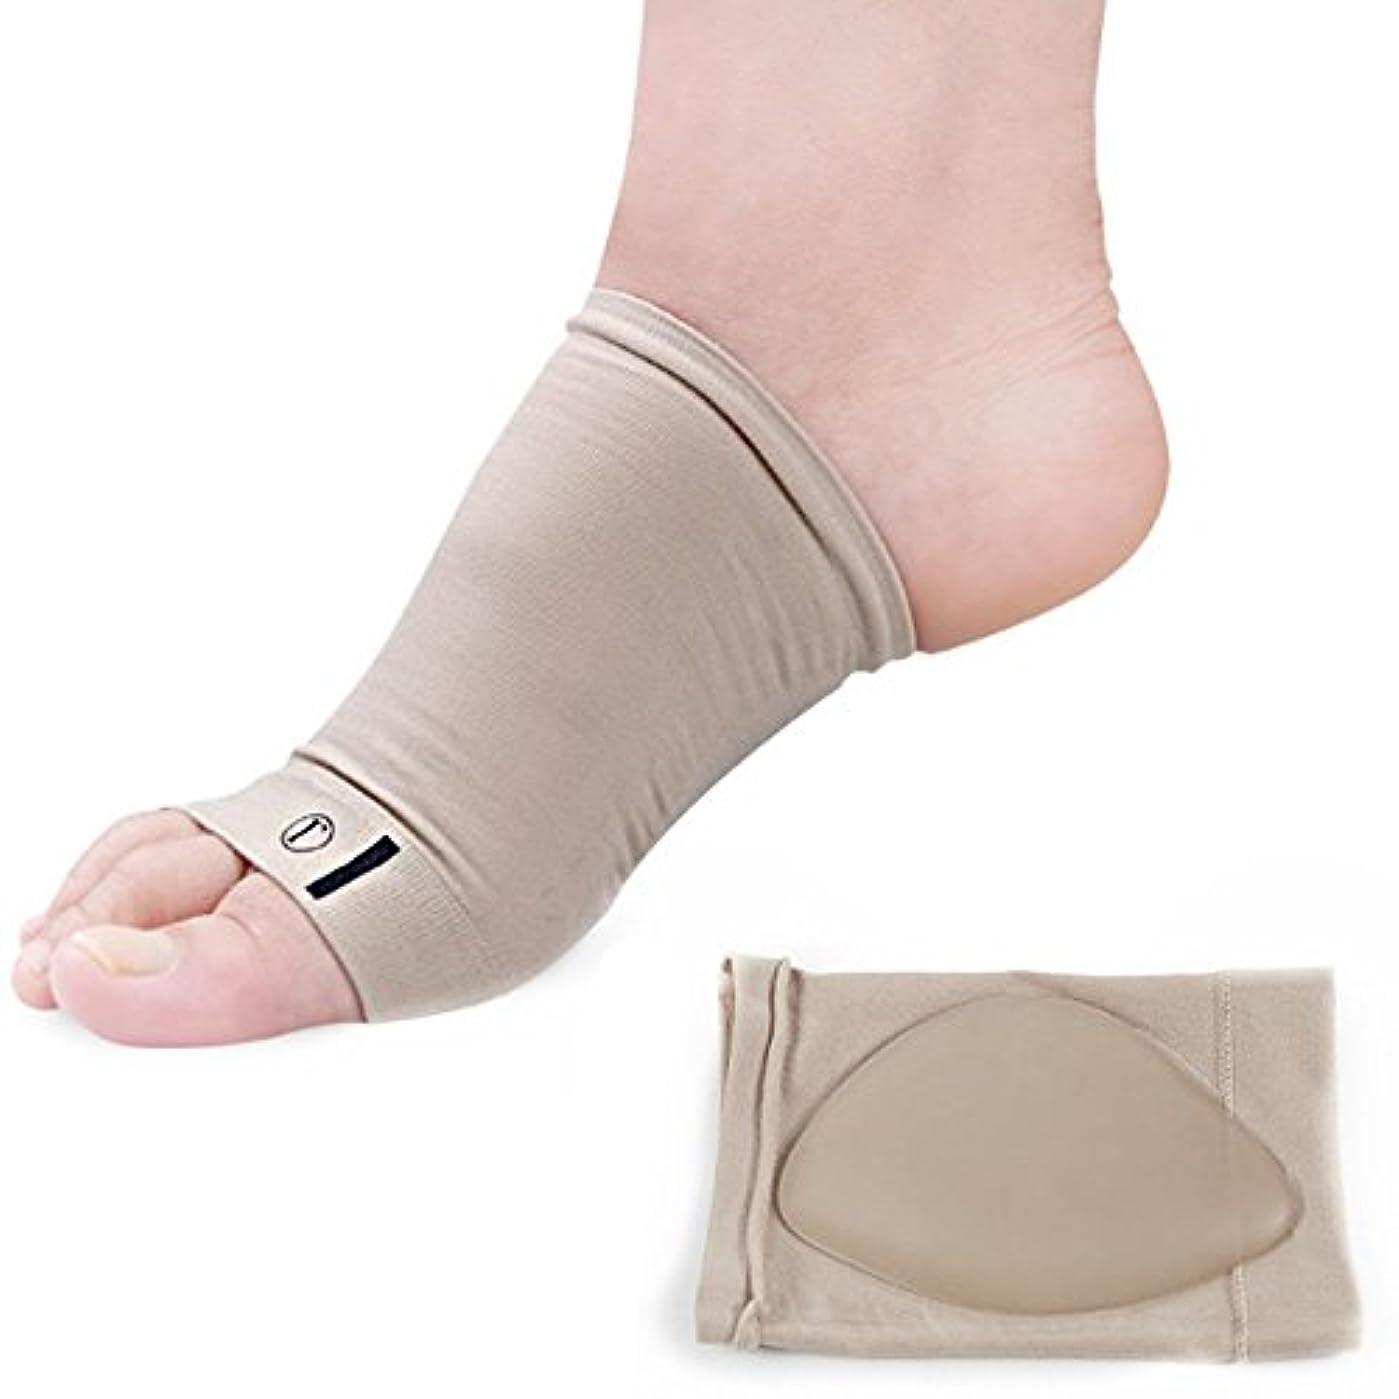 更新する鉛アレキサンダーグラハムベル山の奥 足底筋膜炎 アーチサポーター 専用 シリコン インソール 衝撃吸収 足裏 足底の痛みを解消 左右セット 解消足裏パッド